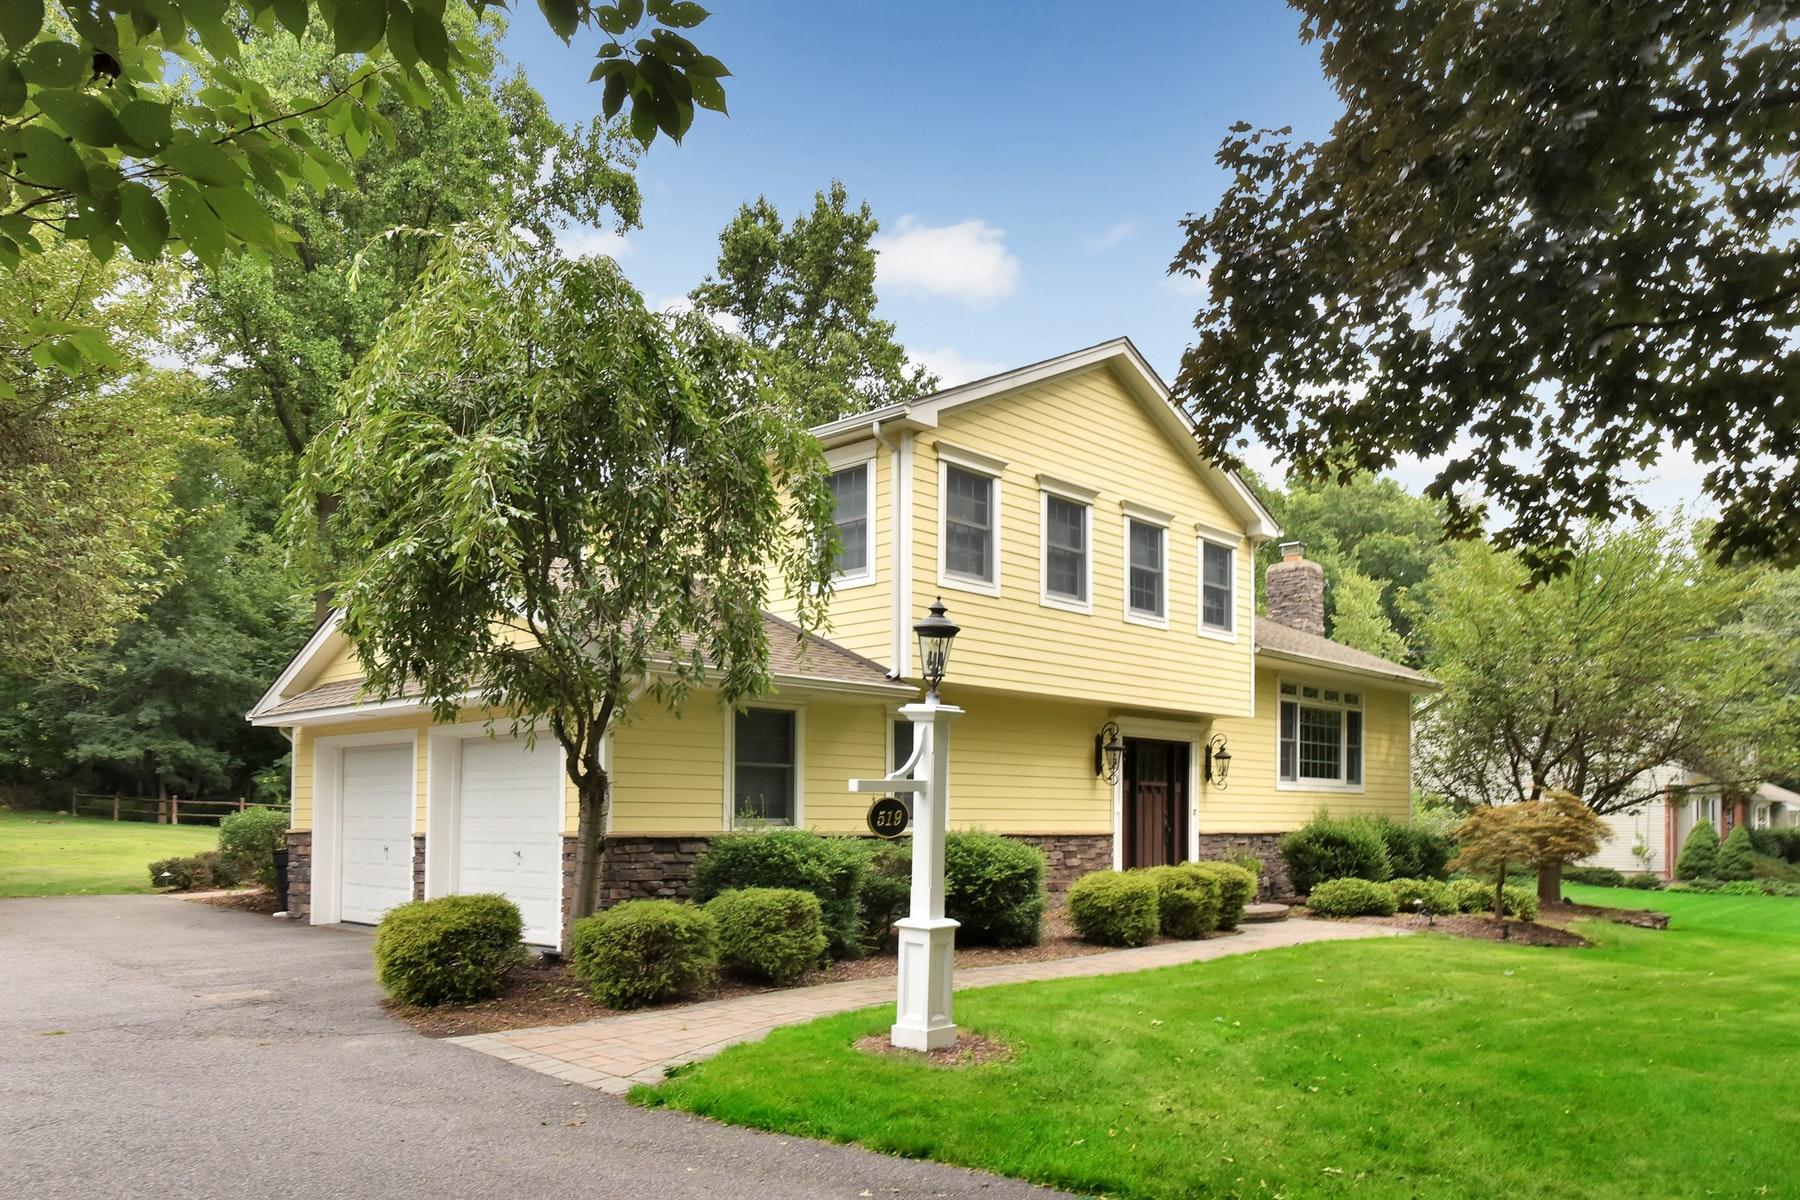 独户住宅 为 销售 在 Cul-De-Sac Location 519 Terhune Terrace 科夫, 新泽西州 07481 美国